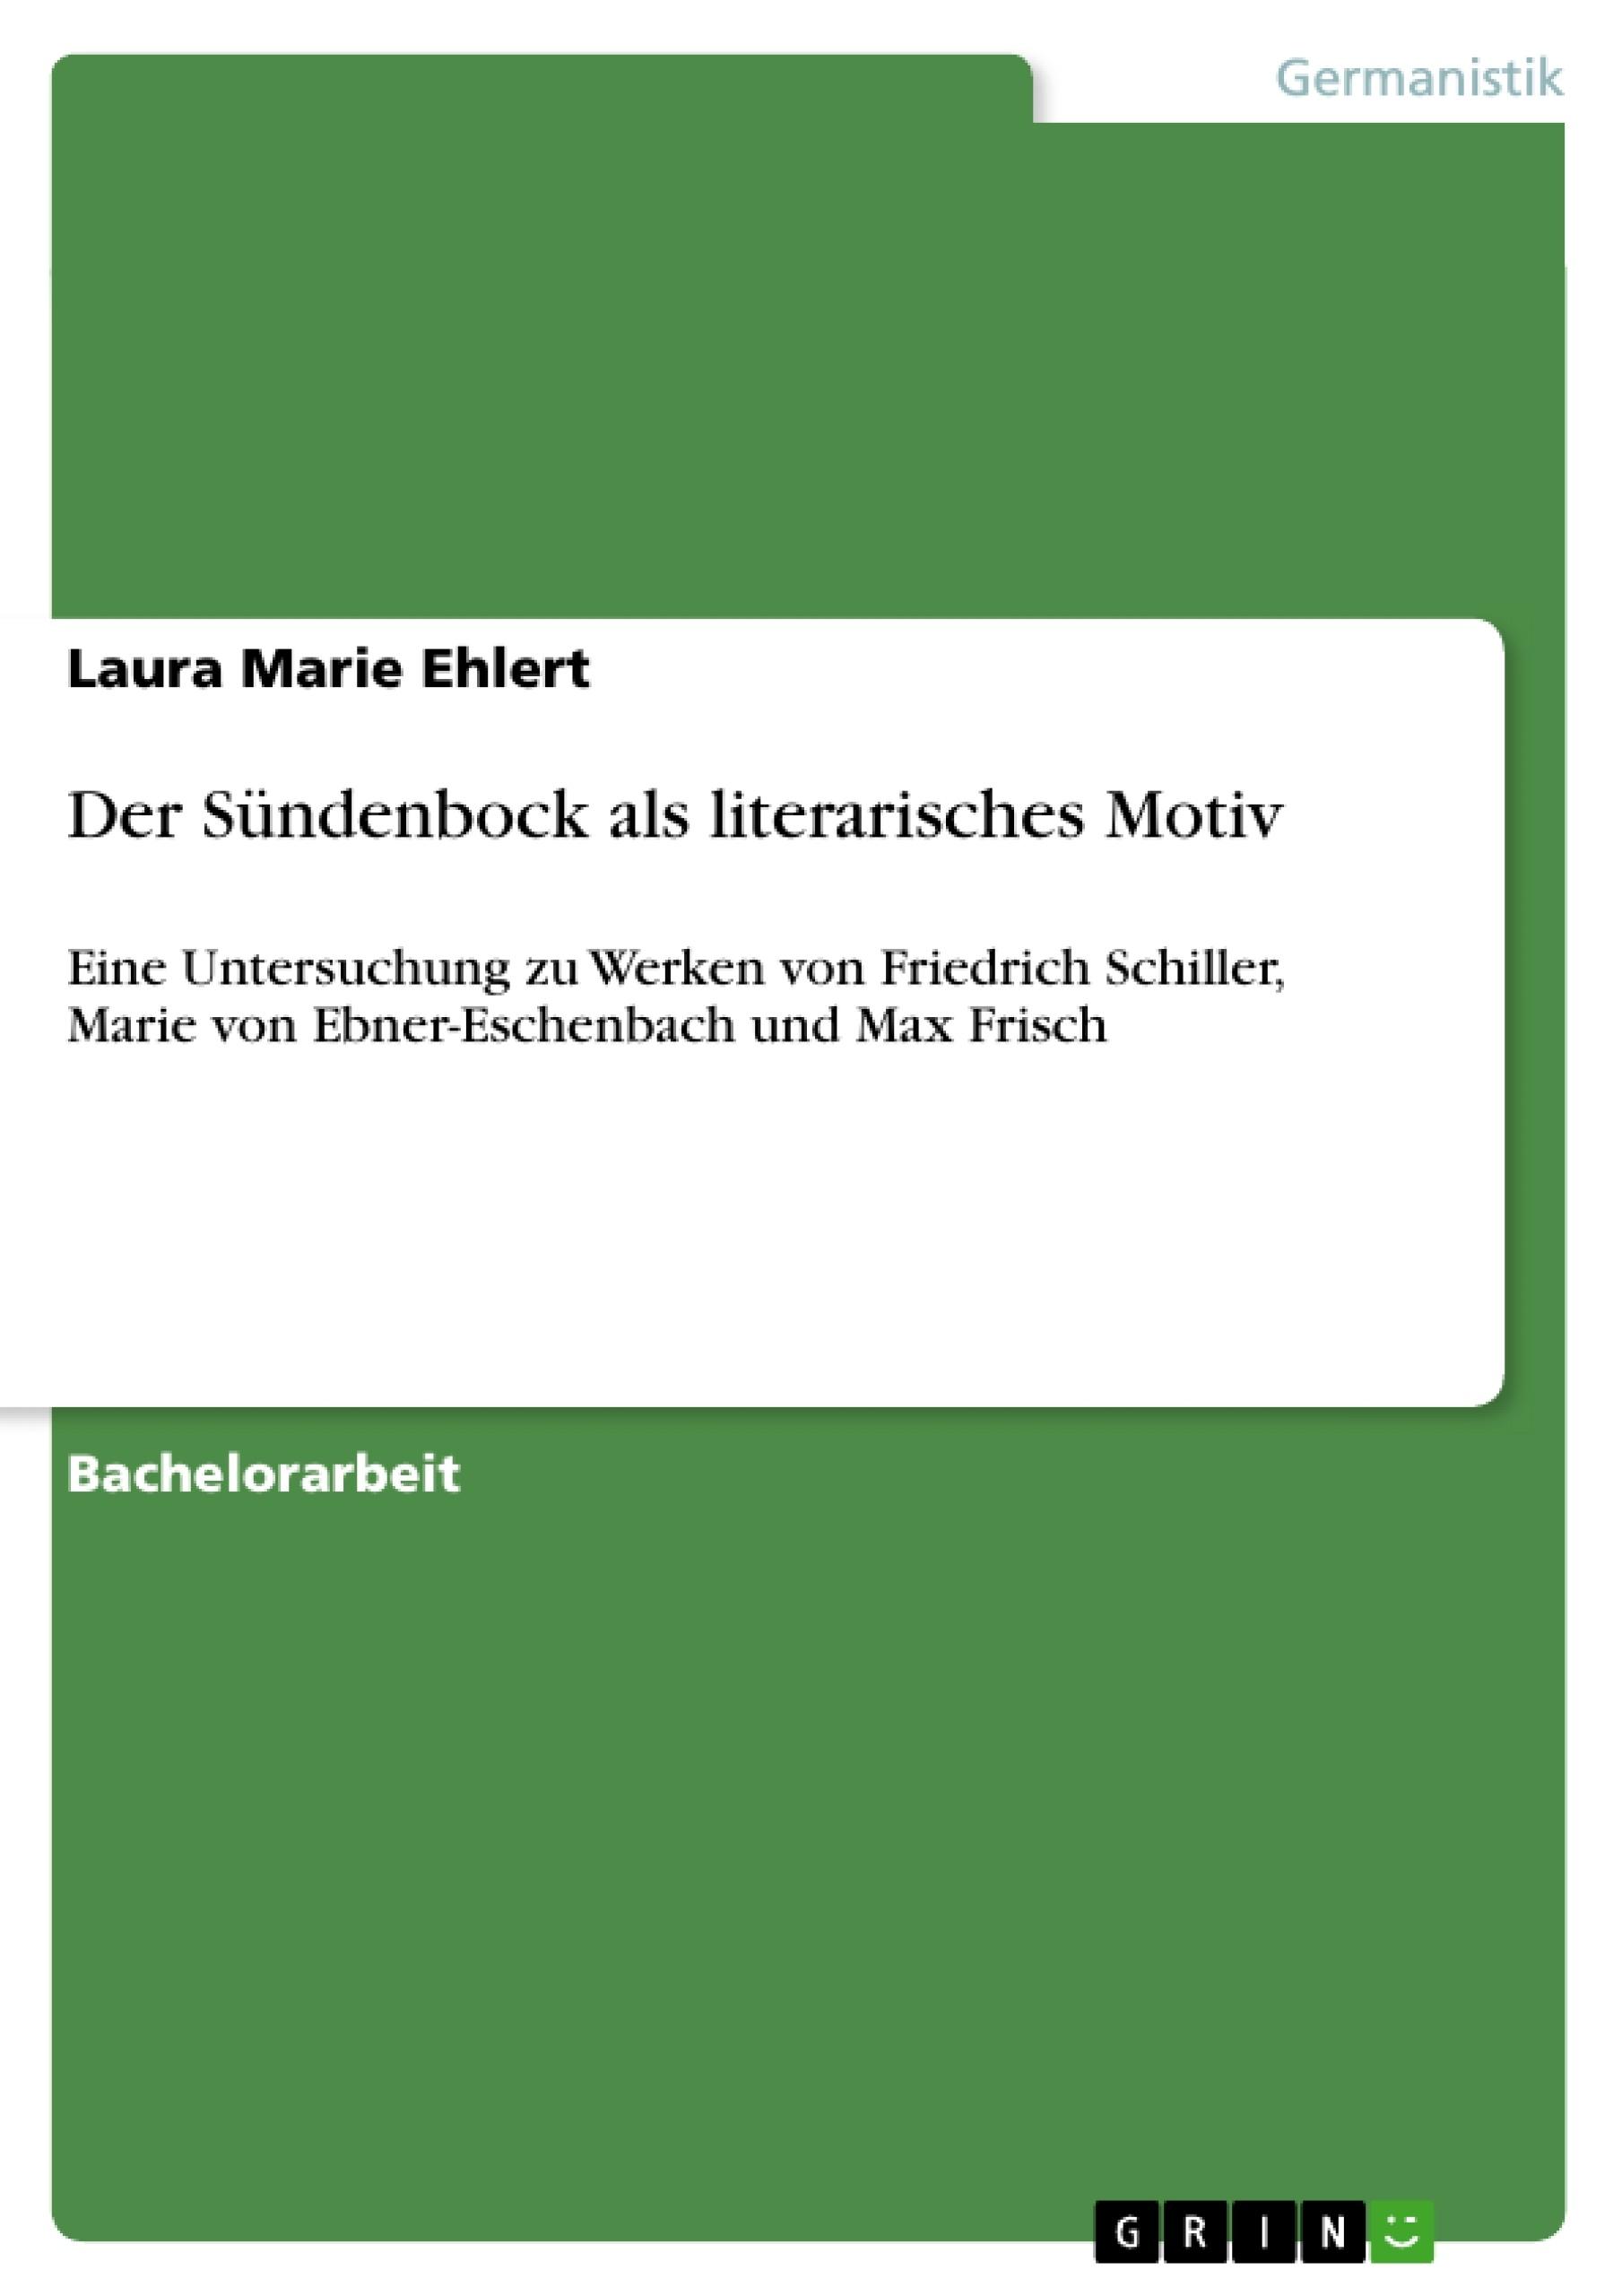 Titel: Der Sündenbock als literarisches Motiv